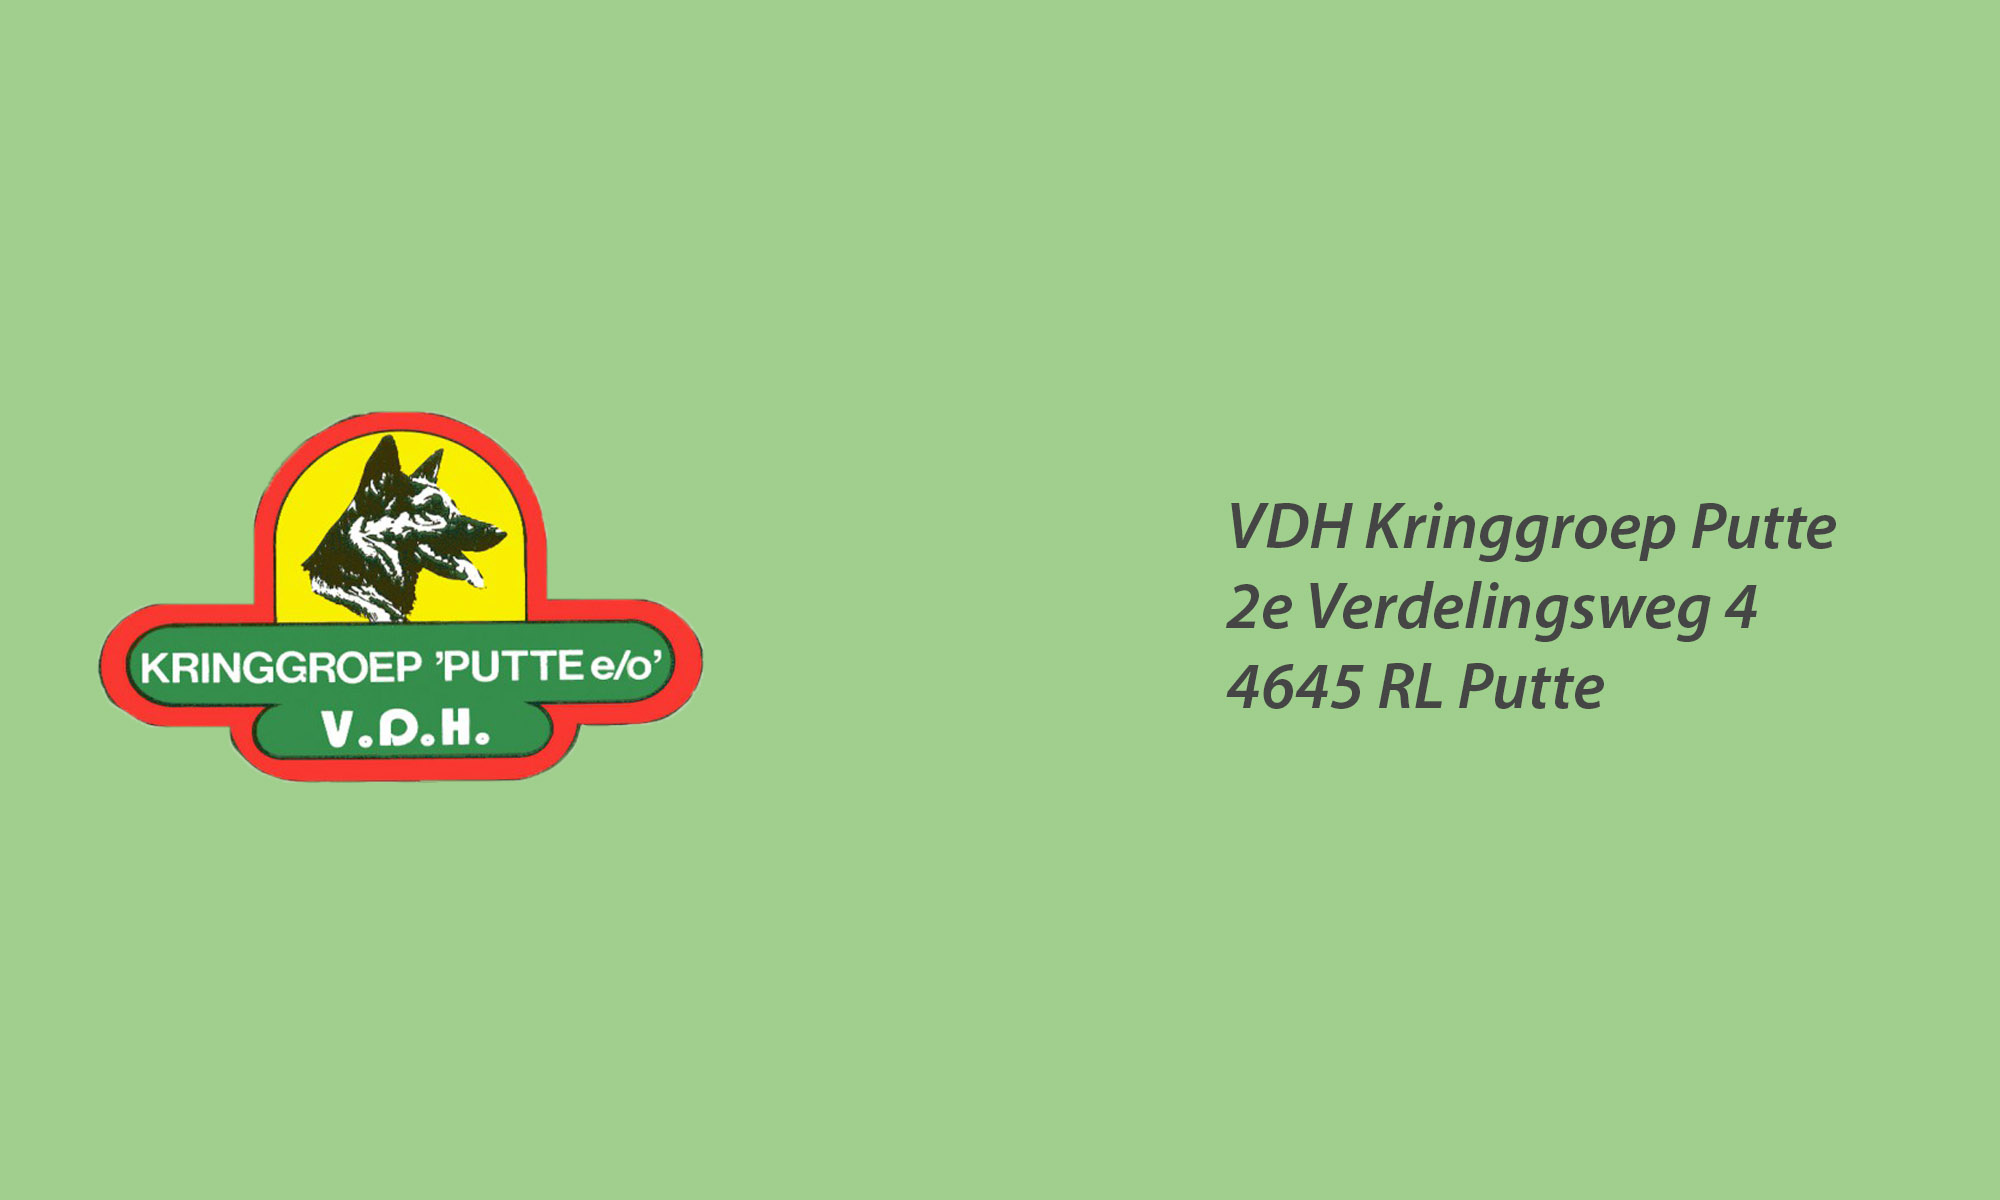 VDH Kringroep Putte e.o.